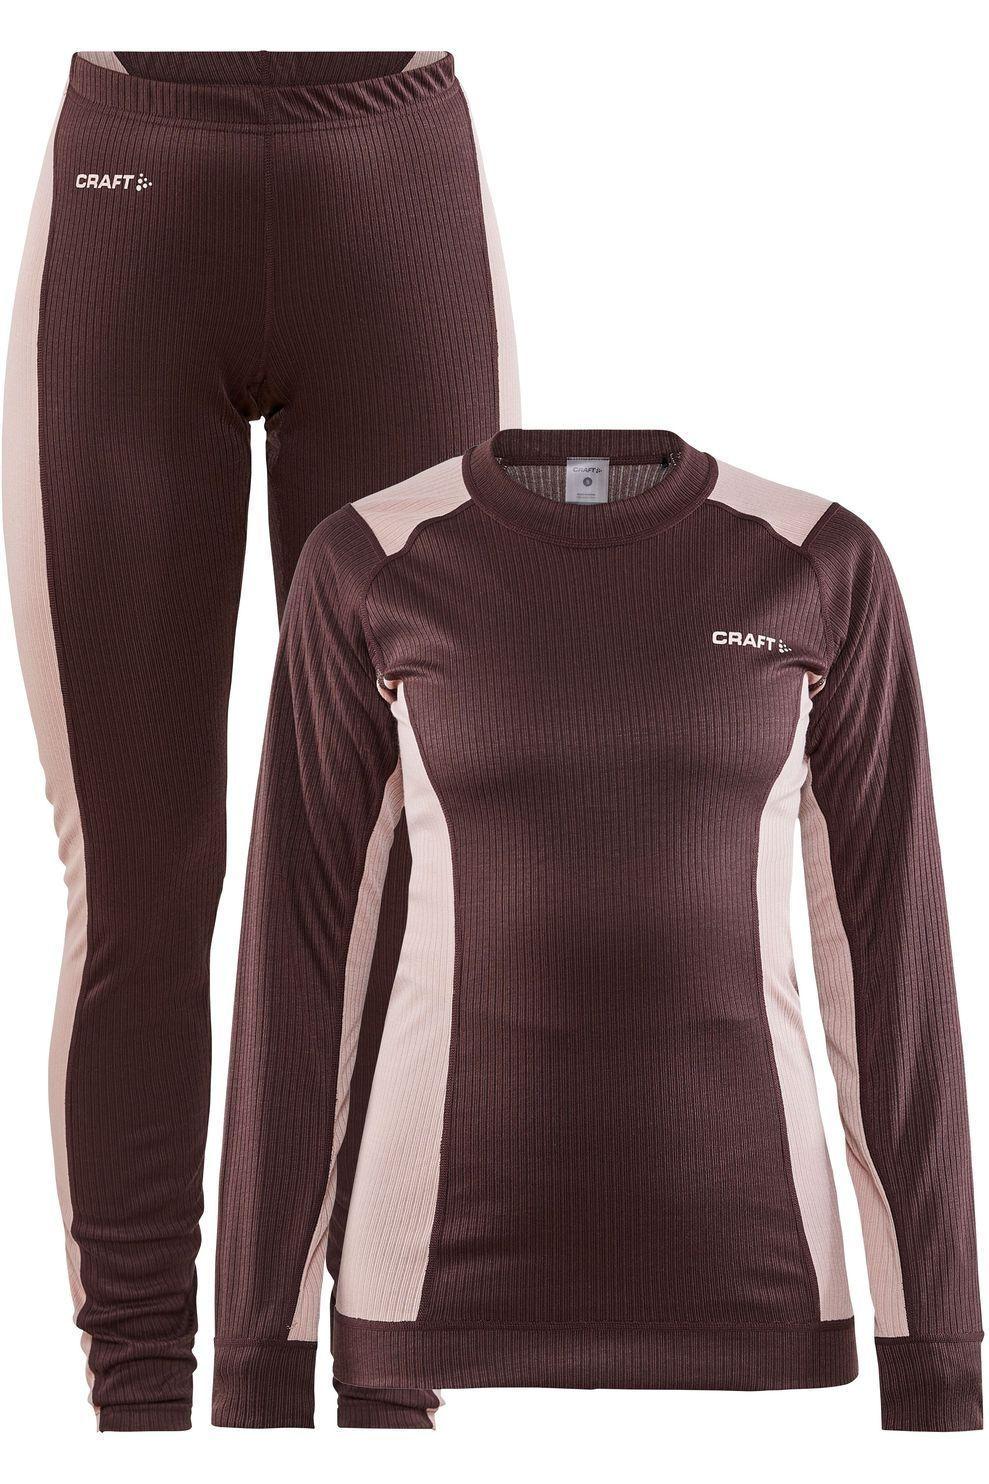 Craft Legging Core Dry Baselayer Set voor dames - Paars/Roze - Maten: S, M, L, XL, XXL - Nieuwe coll